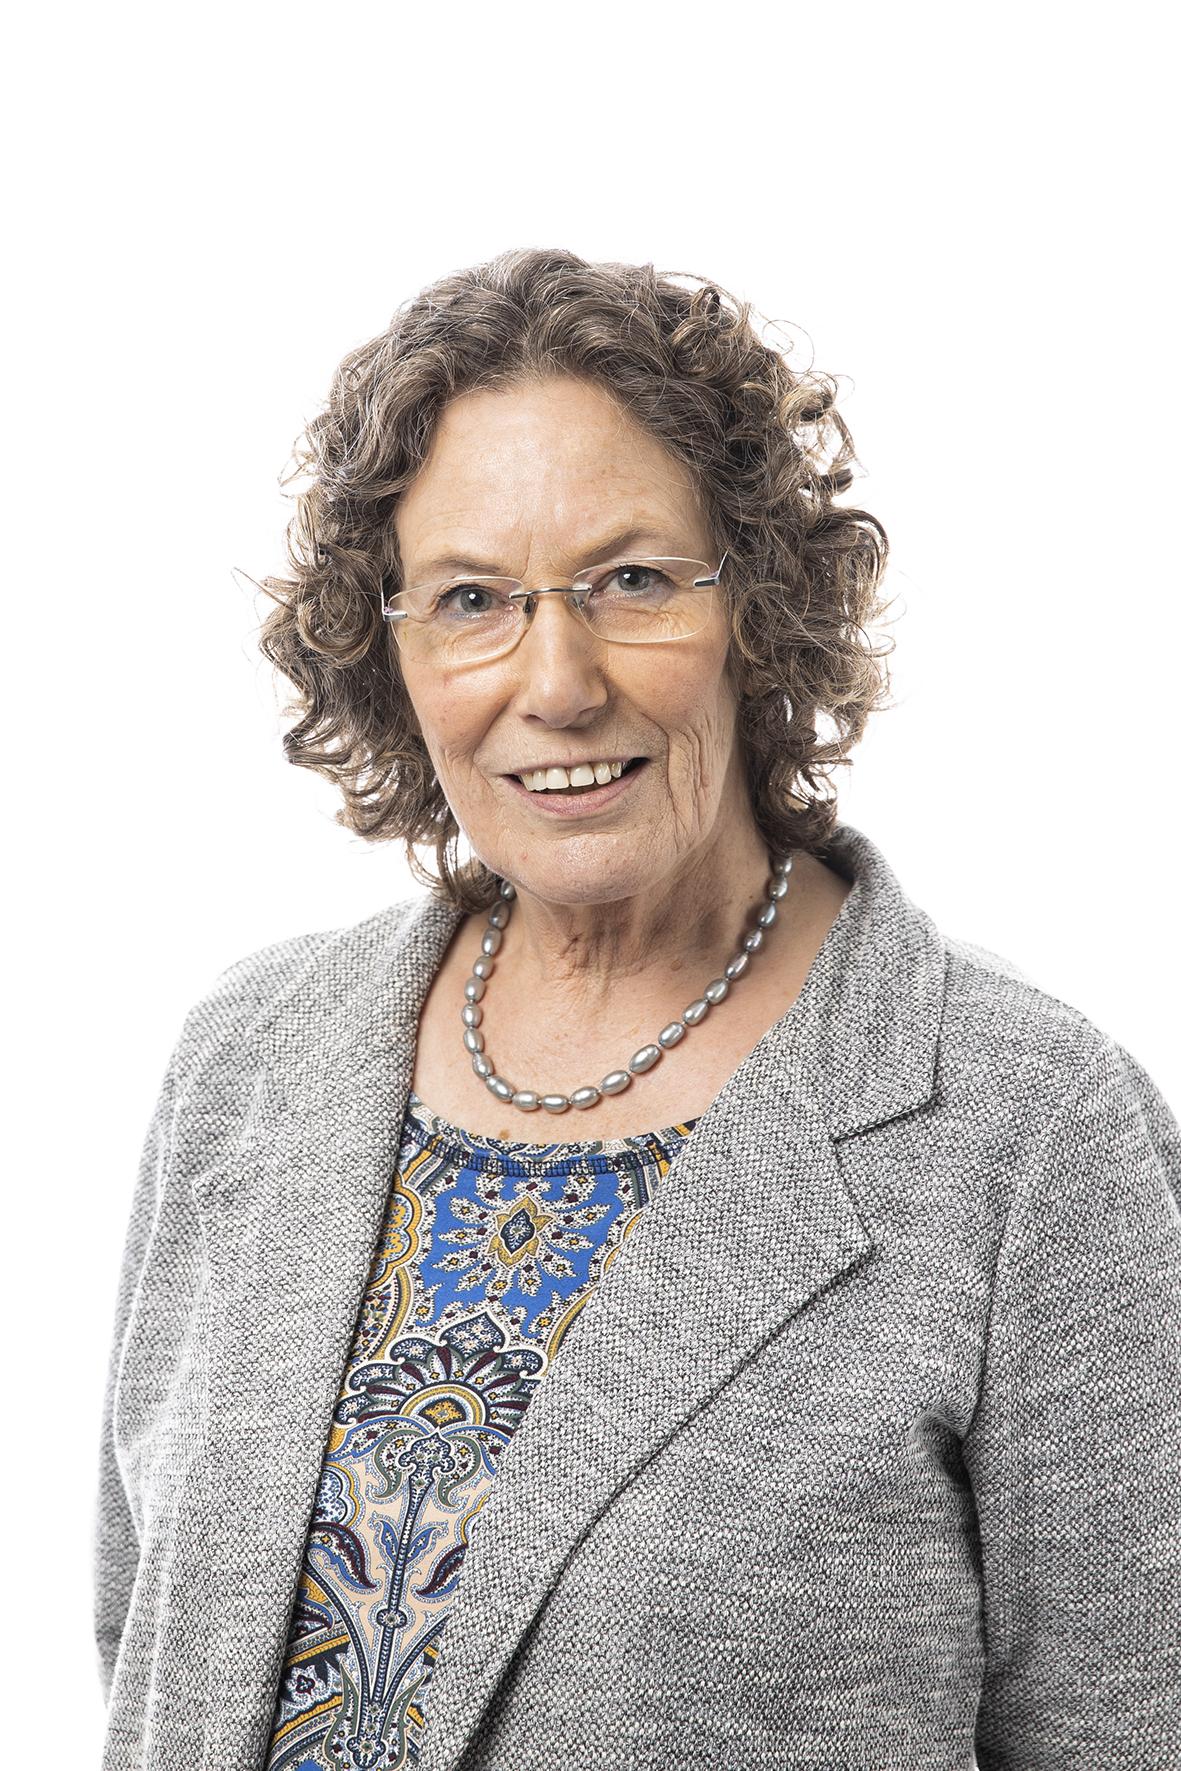 Gerdie Beuvink